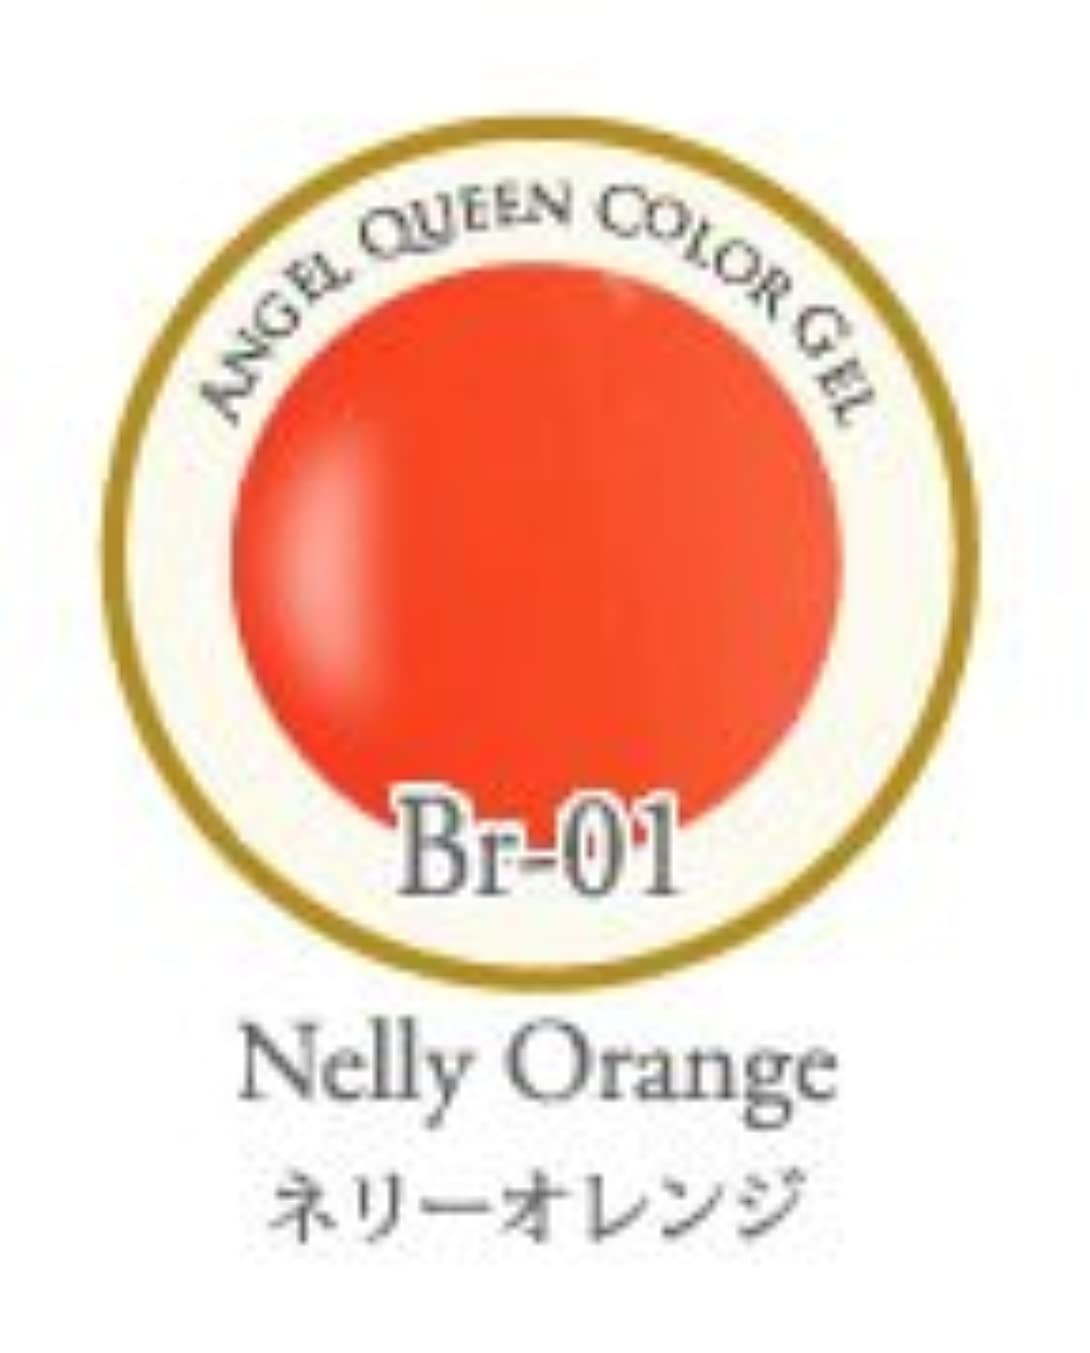 レビュアー遠近法九時四十五分エンジェル クィーンカラージェル Brilliant 3g ネリーオレンジ